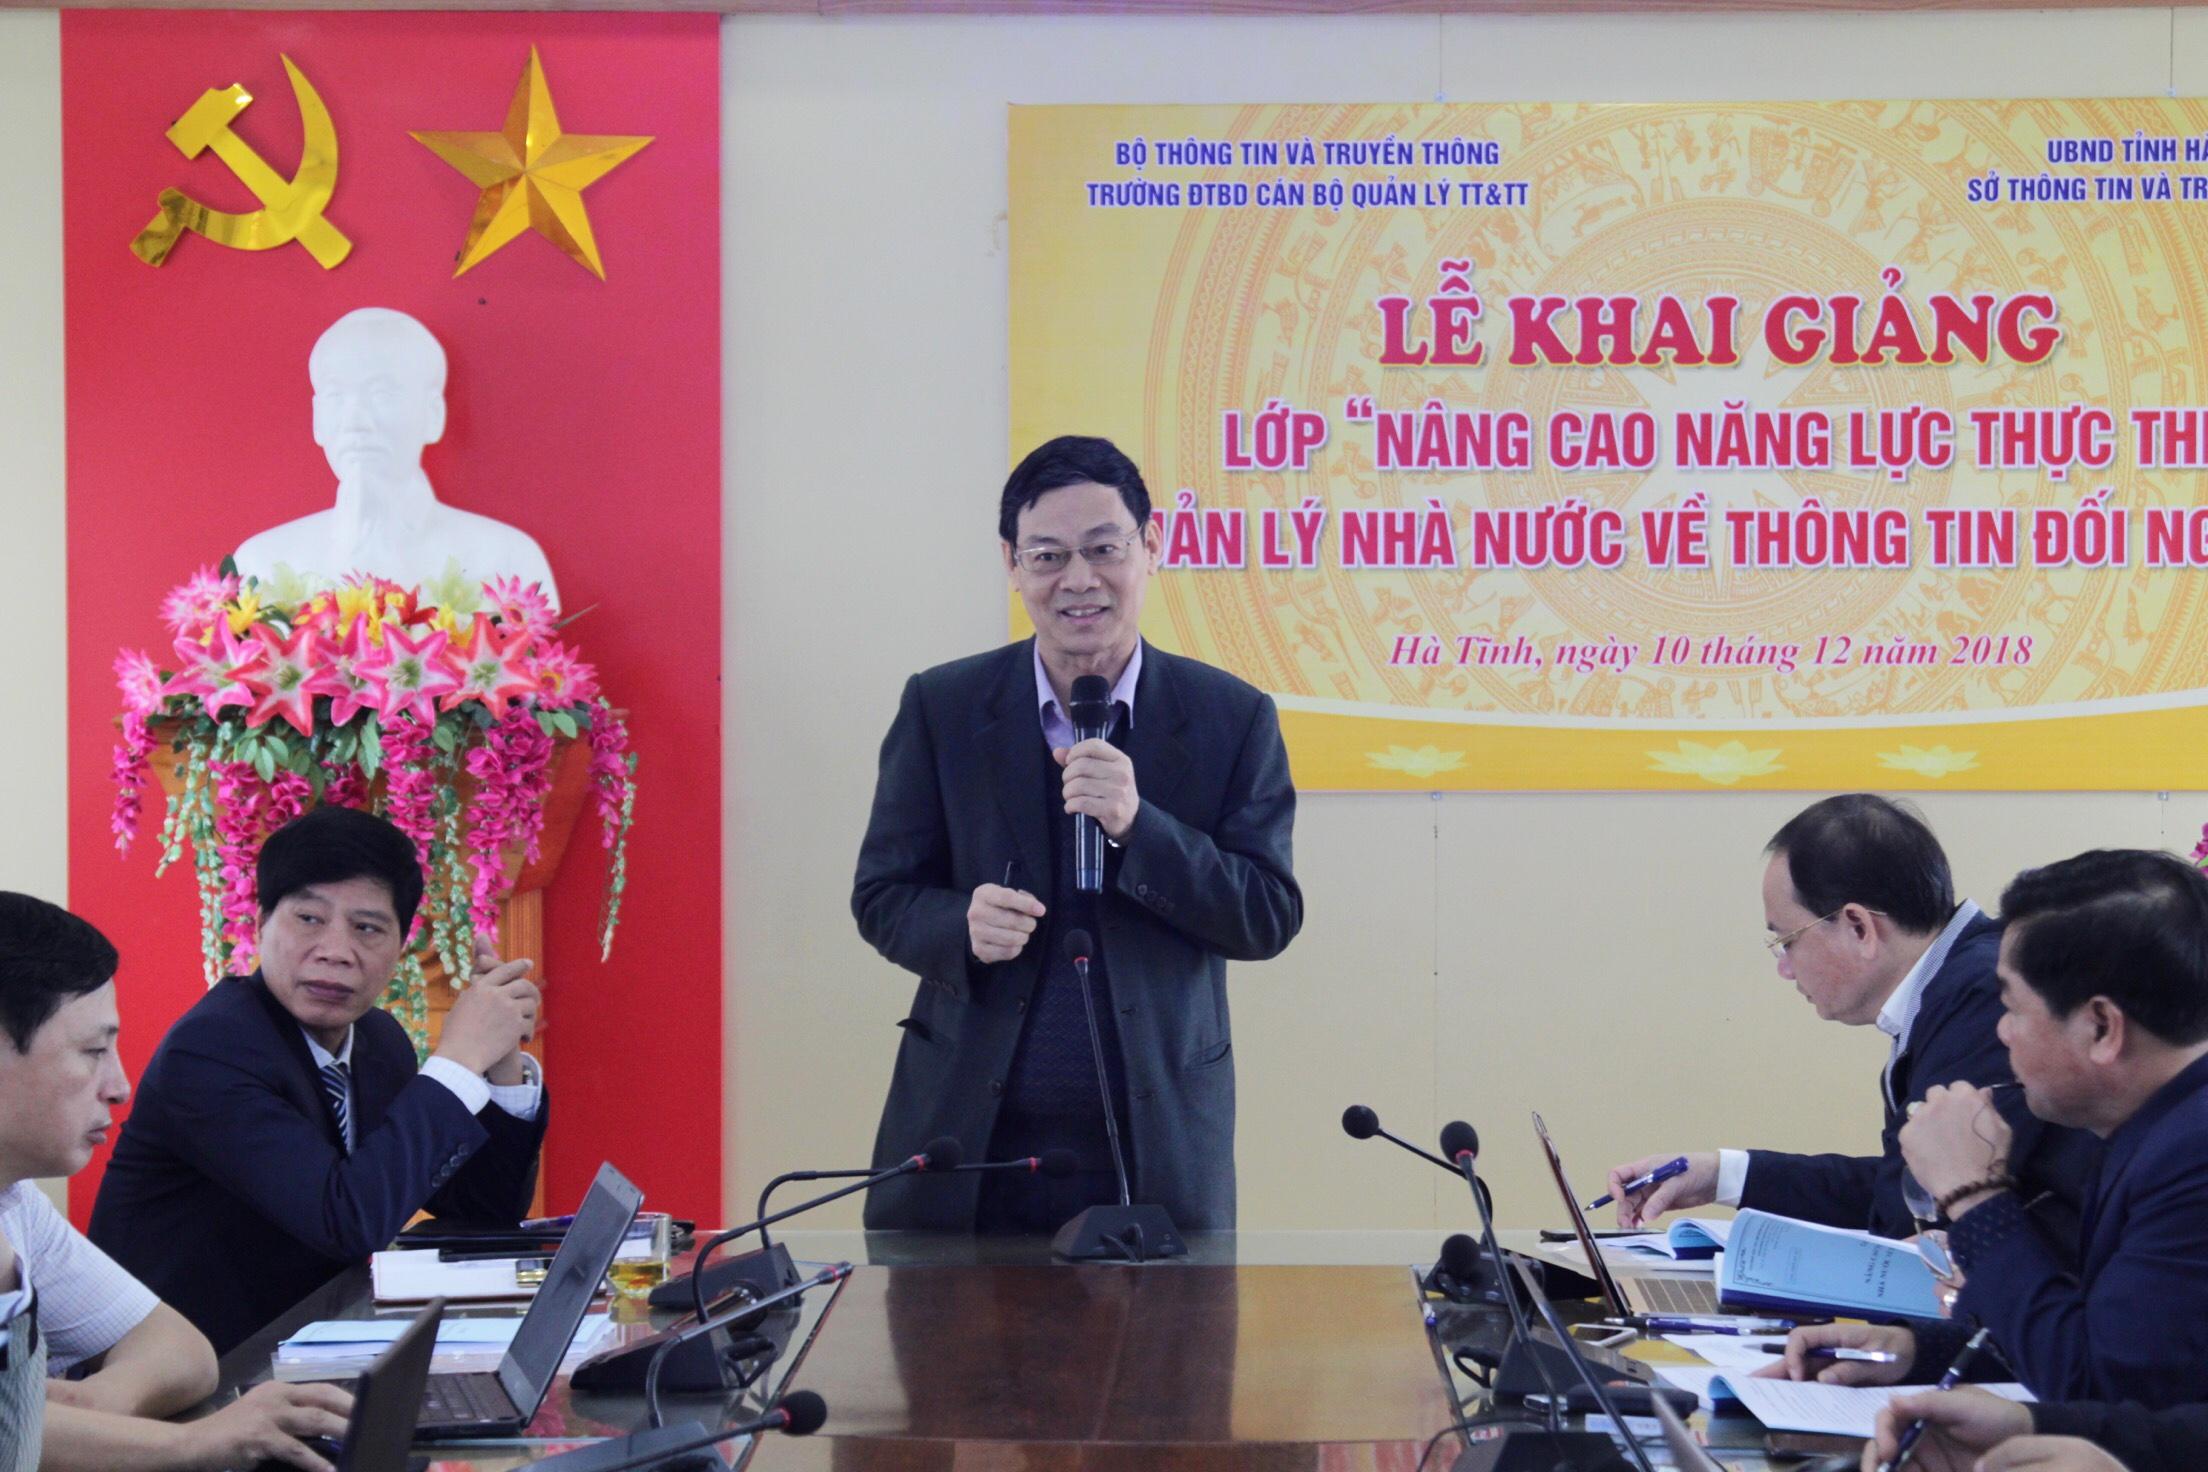 Hà Tĩnh: Đào tạo nâng cao năng lực thực thi quản lý nhà nước về thông tin đối ngoại